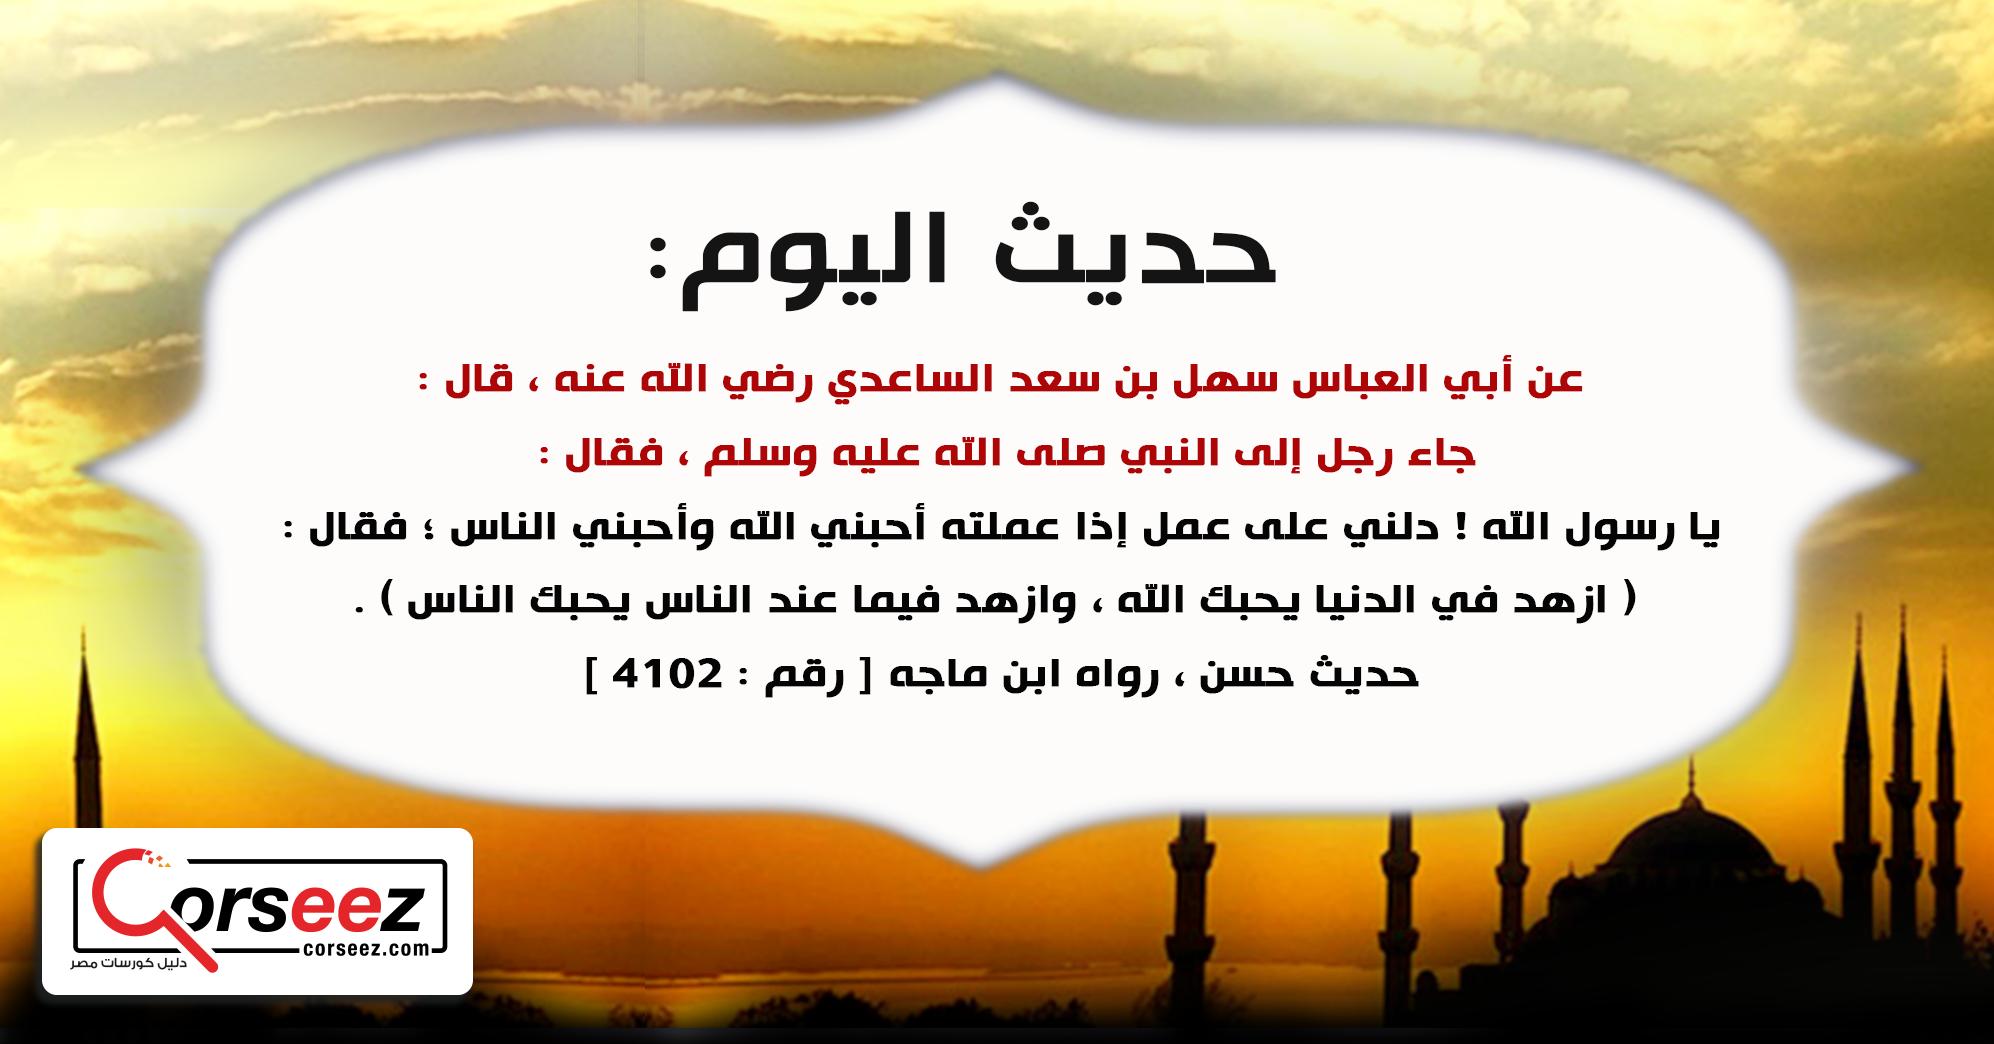 احاديث عن أبي العباس سهل بن سعد الساعدي رضي الله عنه قال جاء رجل إلى